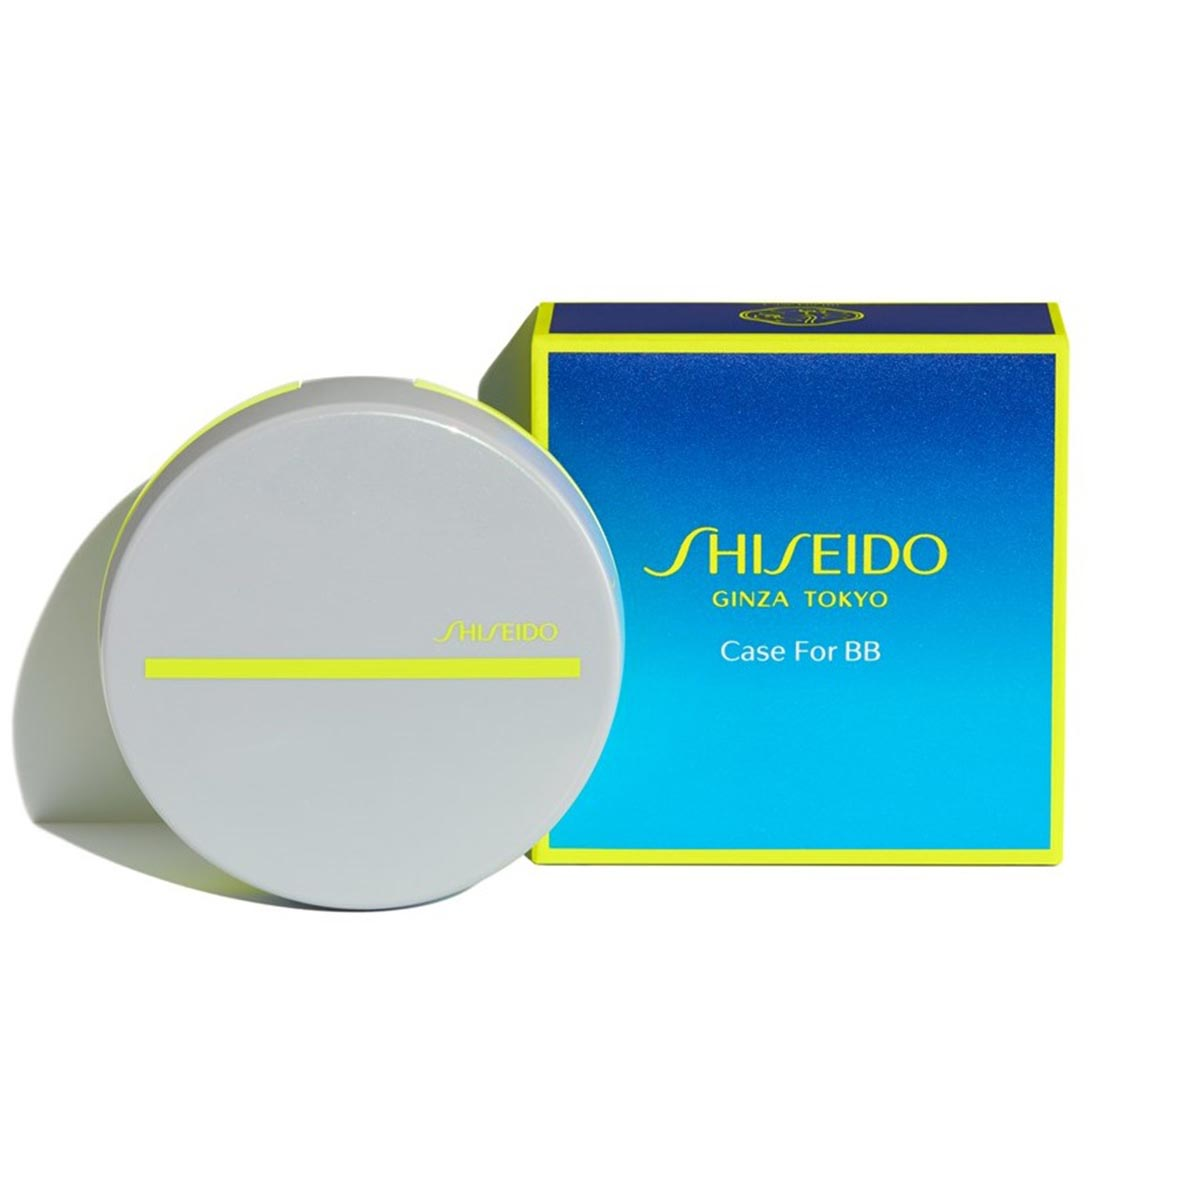 Shiseido case for bb medium